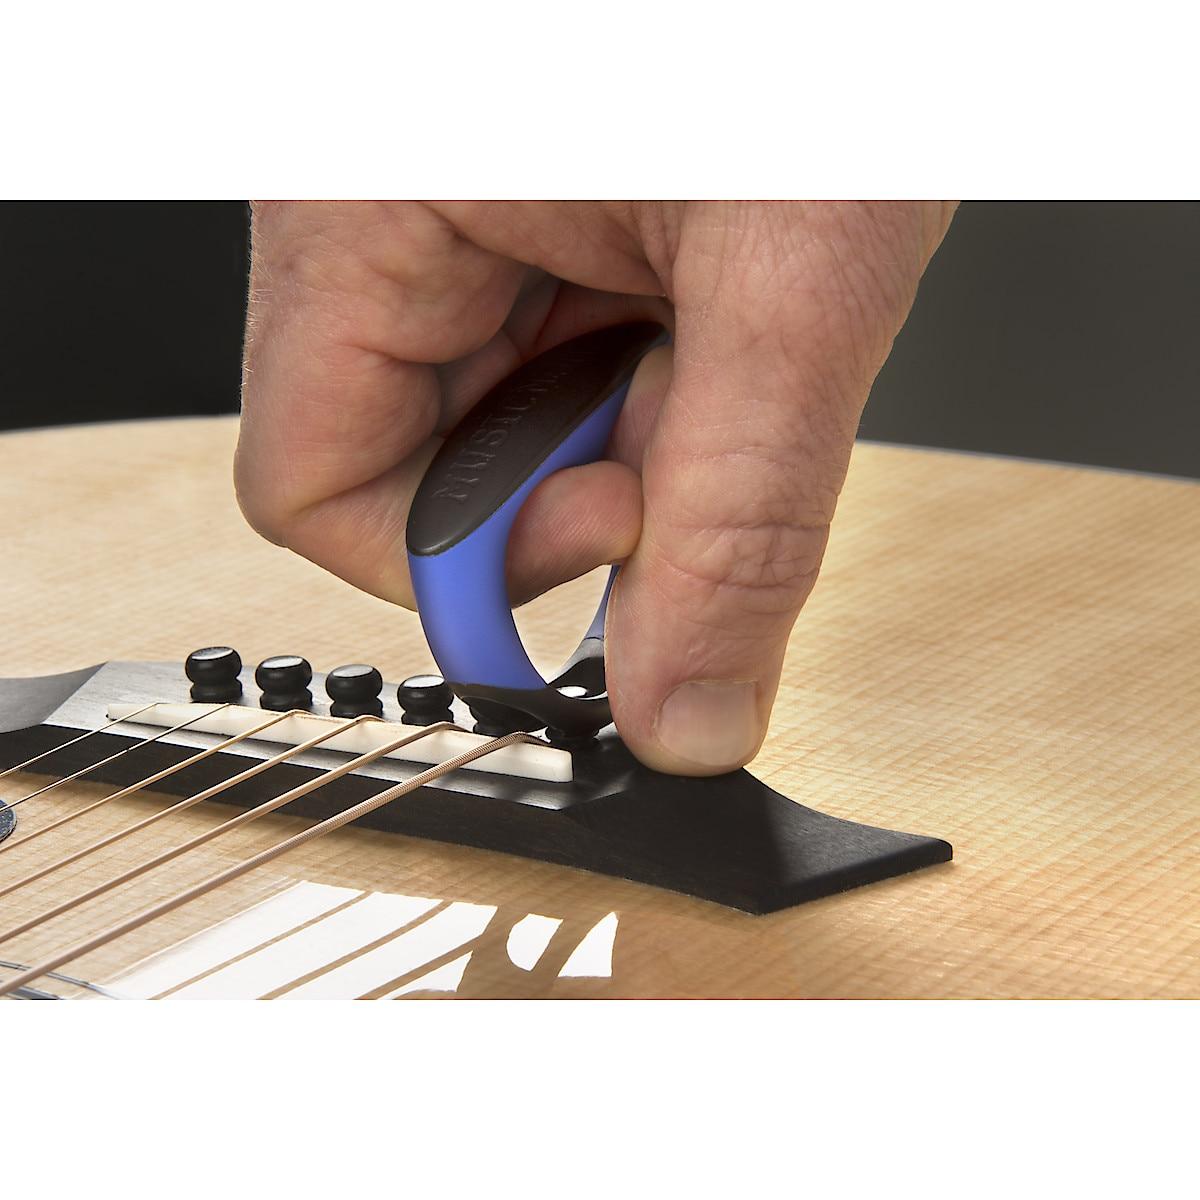 Grip Puller für Gitarren, Music Nomad GRIP Puller